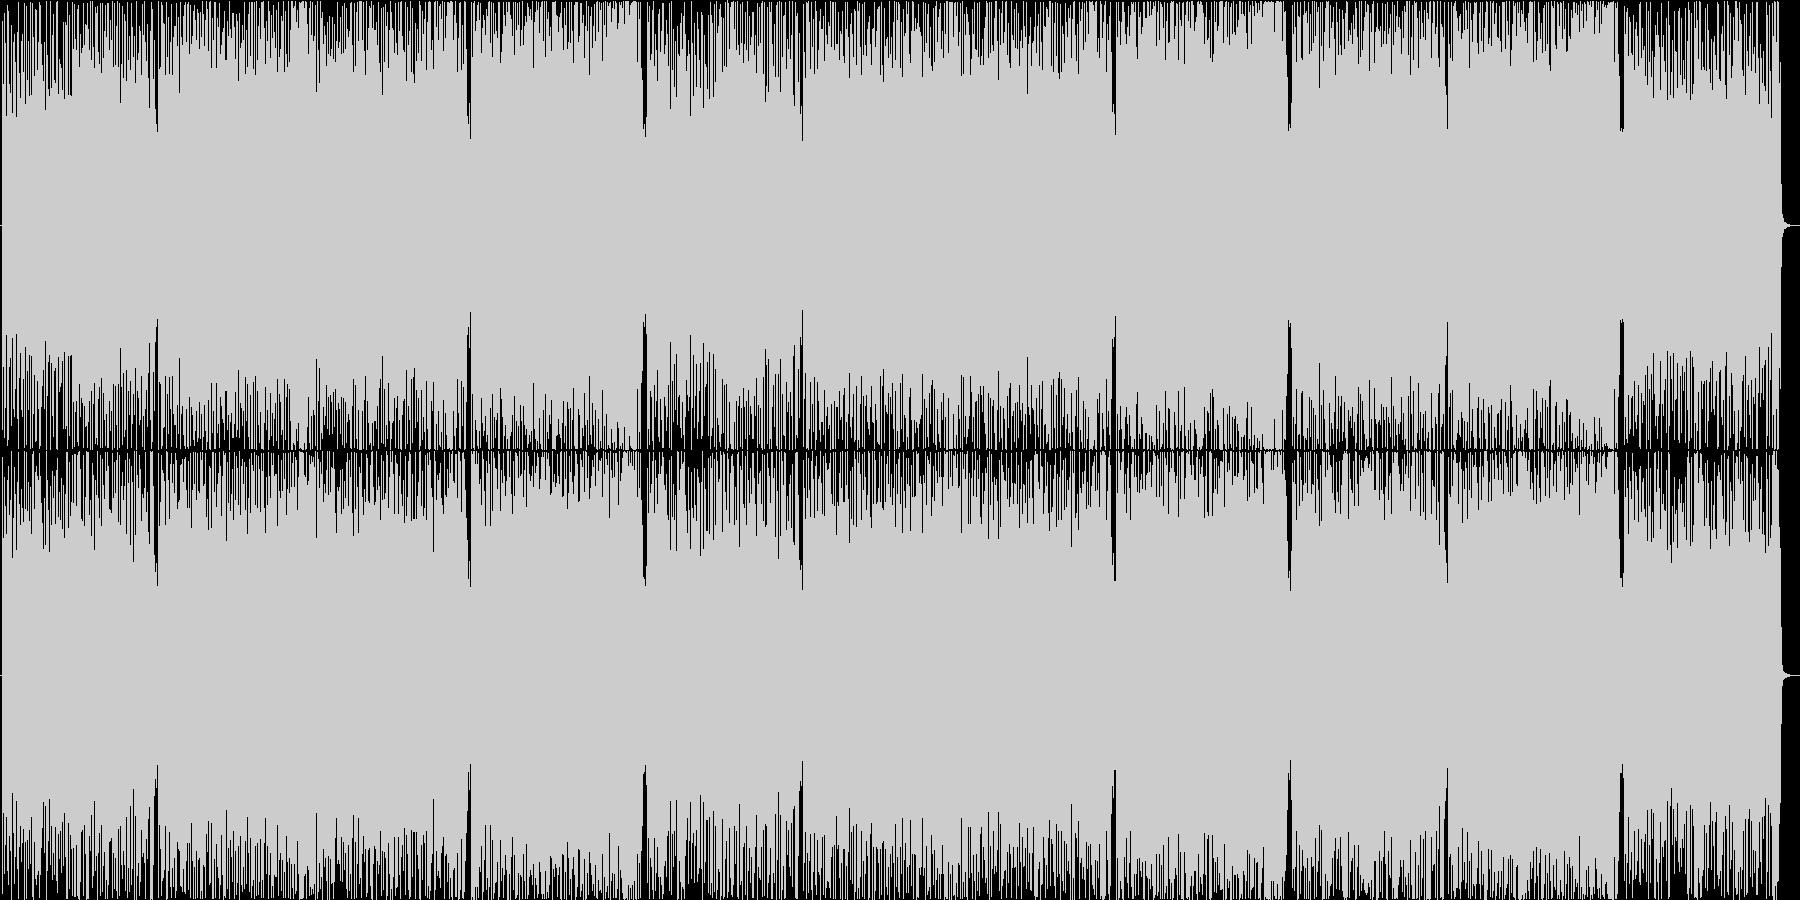 疾走感 ロック ギター キャッチーの未再生の波形